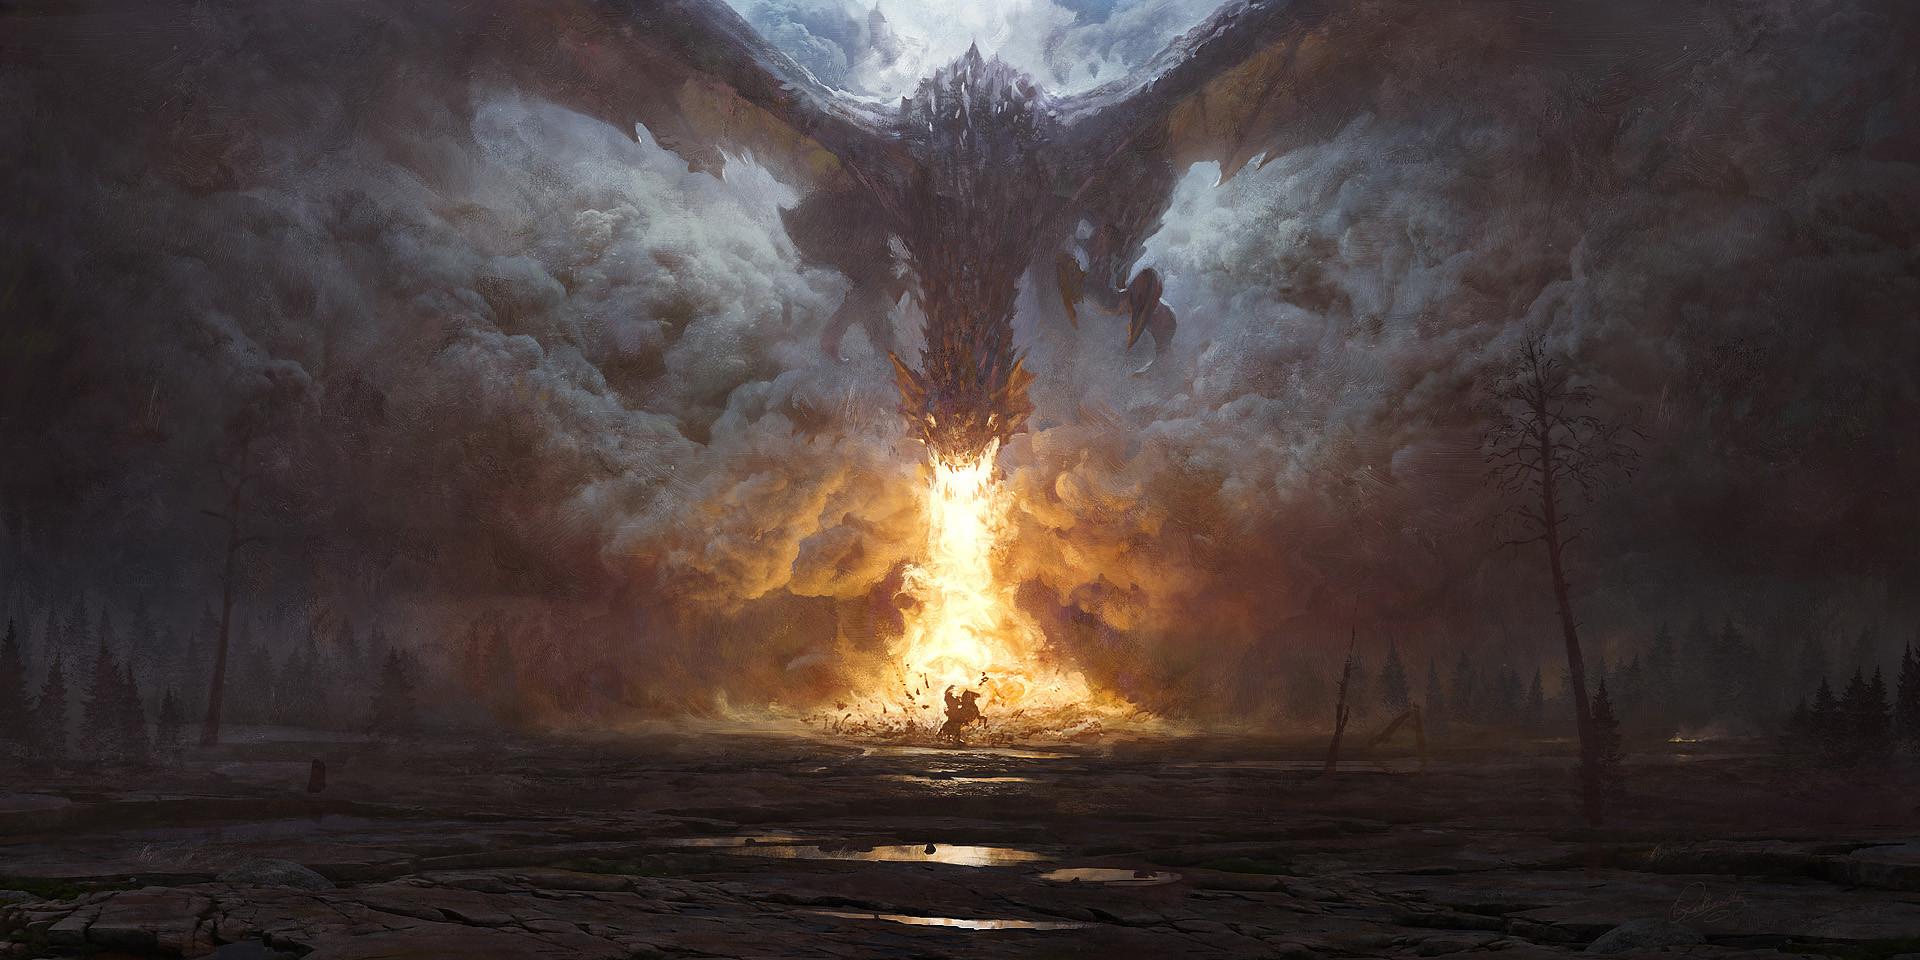 grzegorz-rutkowski-dragons-breath-1920-2.jpg